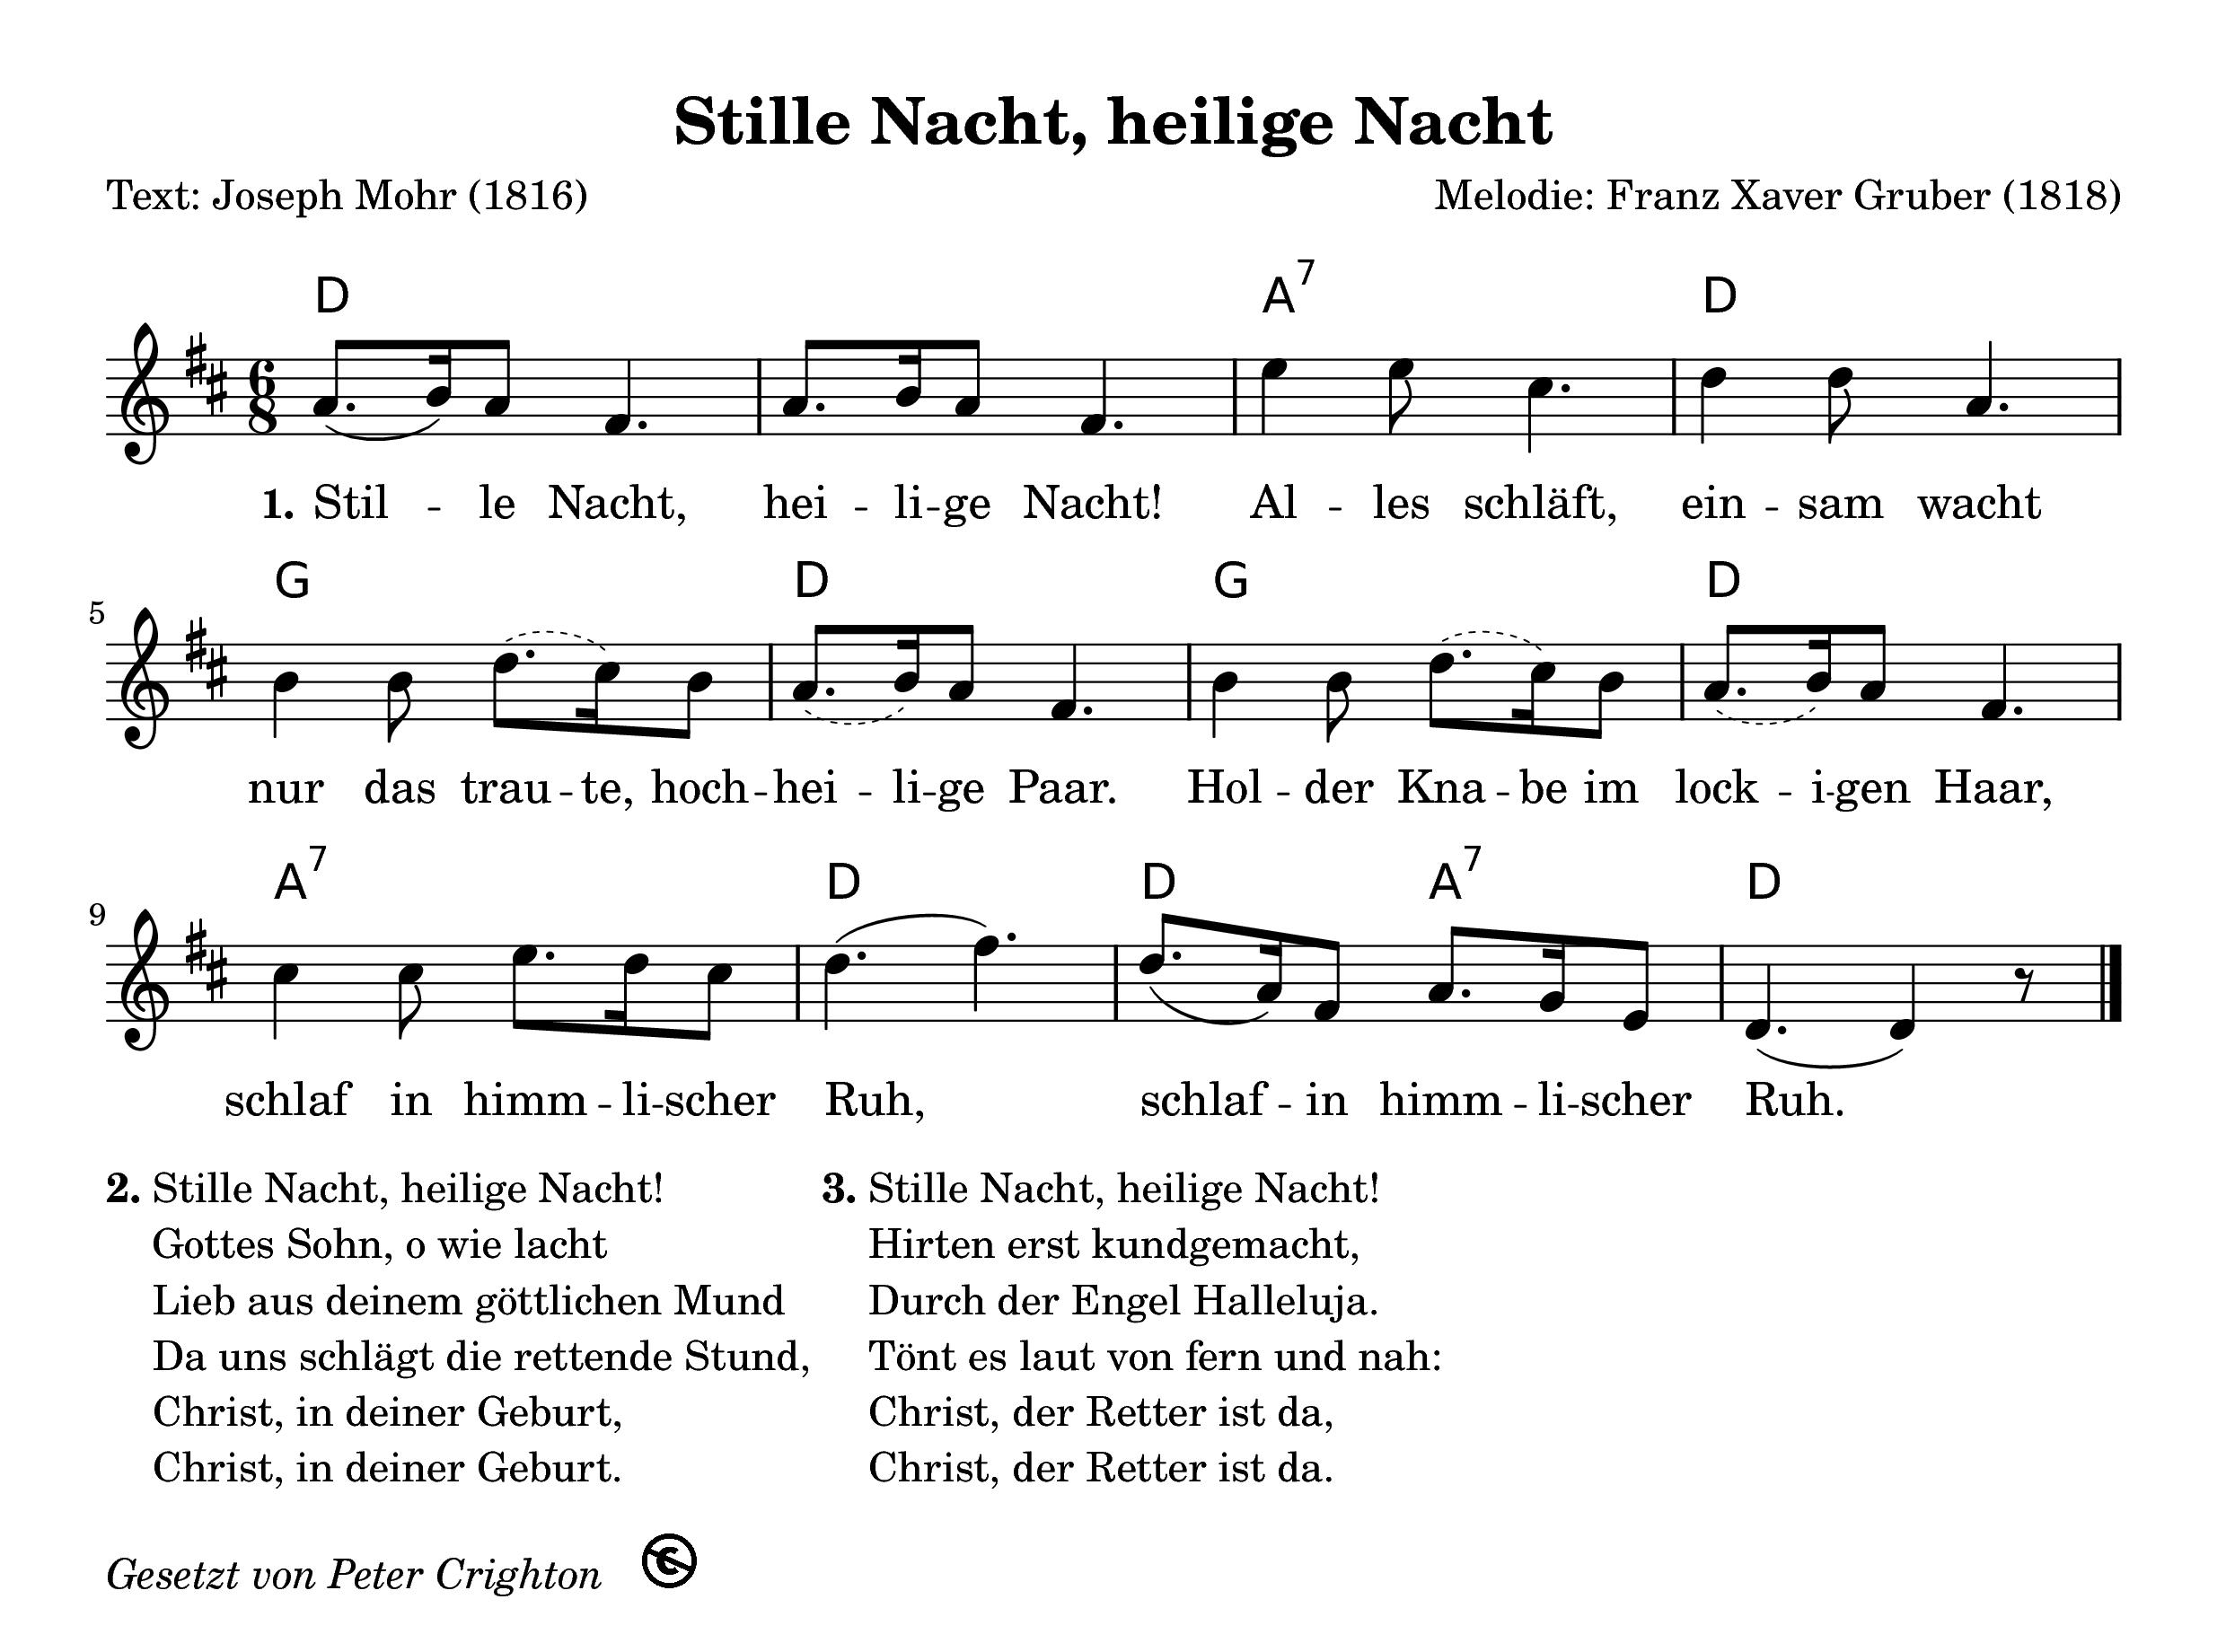 Liedtext Stille Nacht